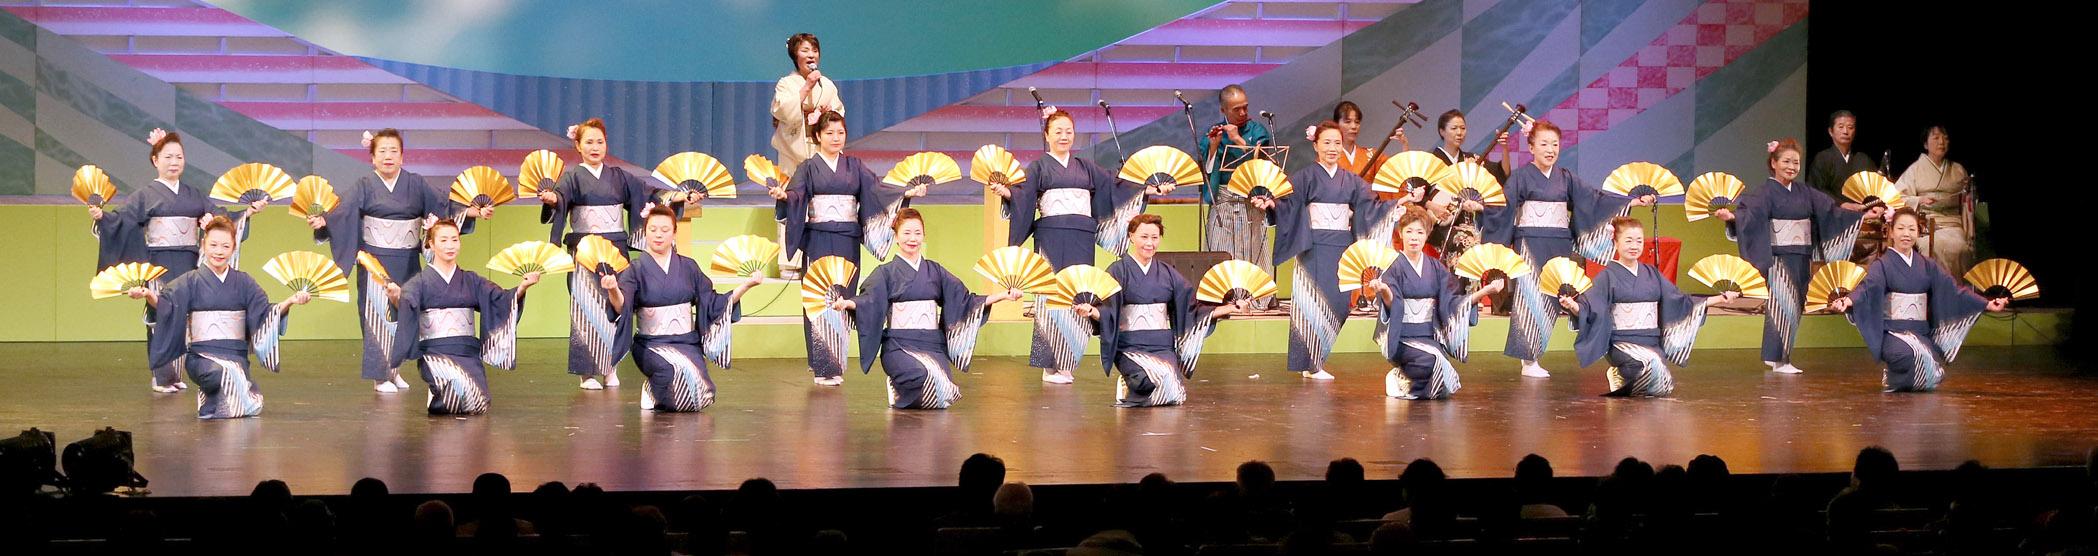 華やかな群舞を繰り広げた暁声民謡会=金沢市の金沢歌劇座